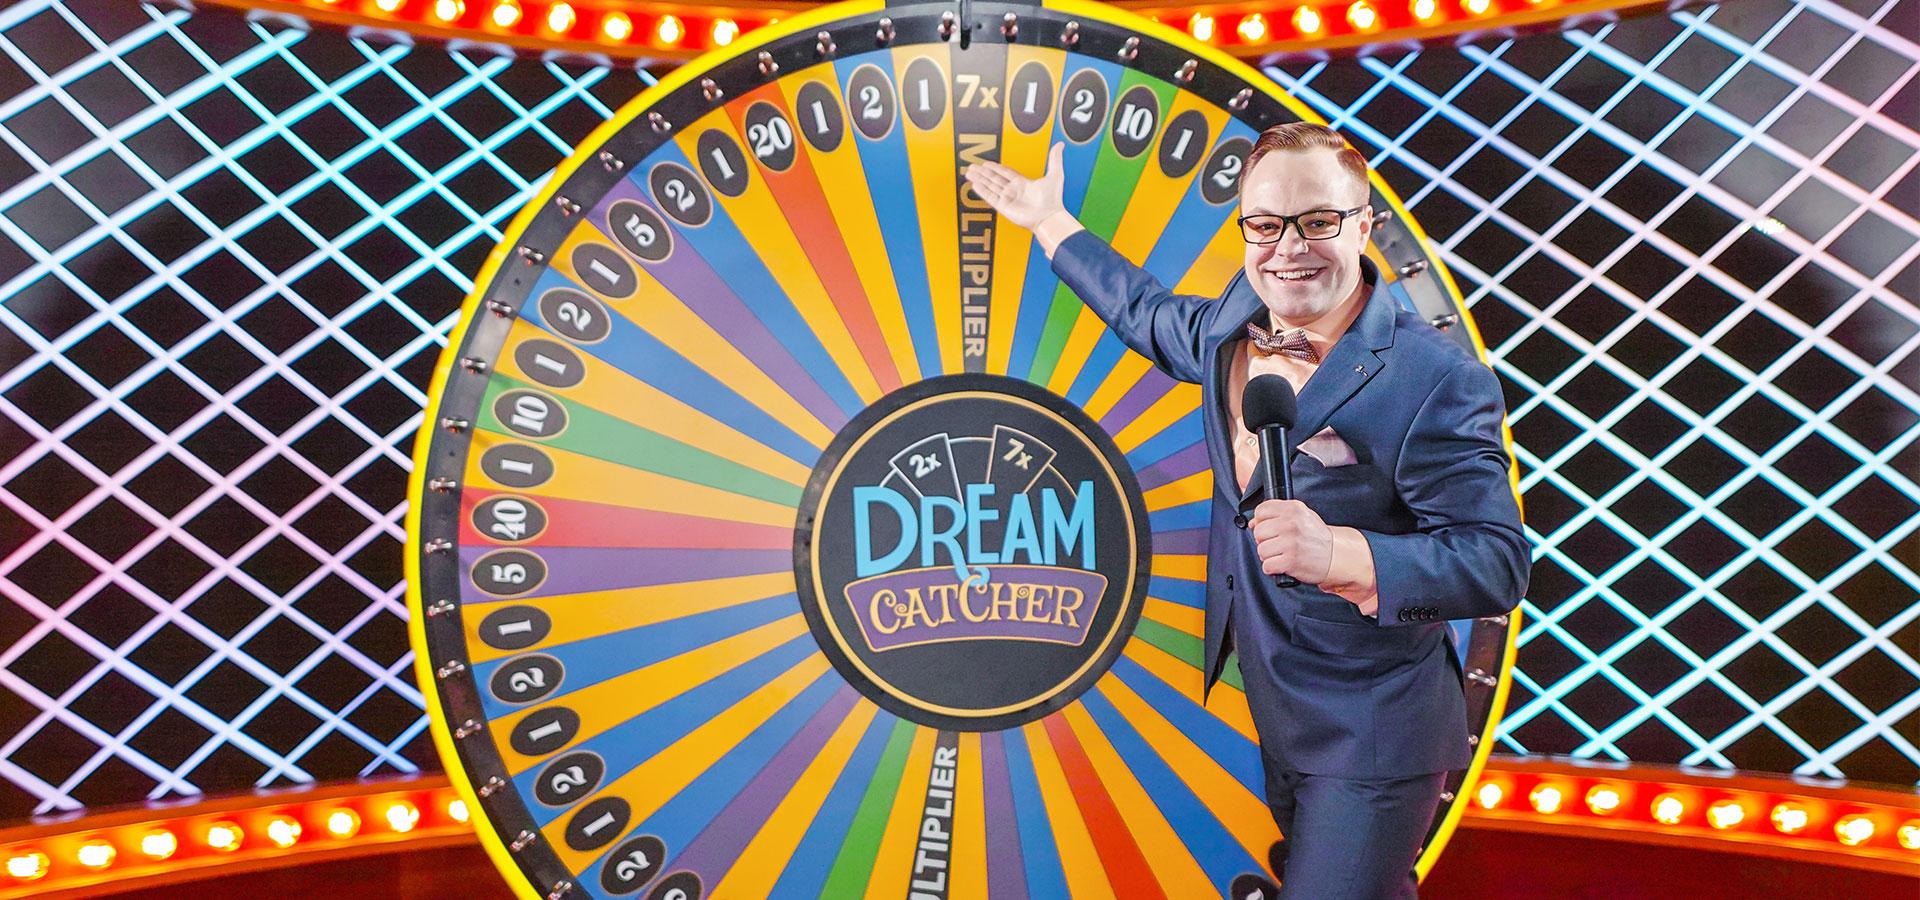 Casino Online Dreamcatcher S